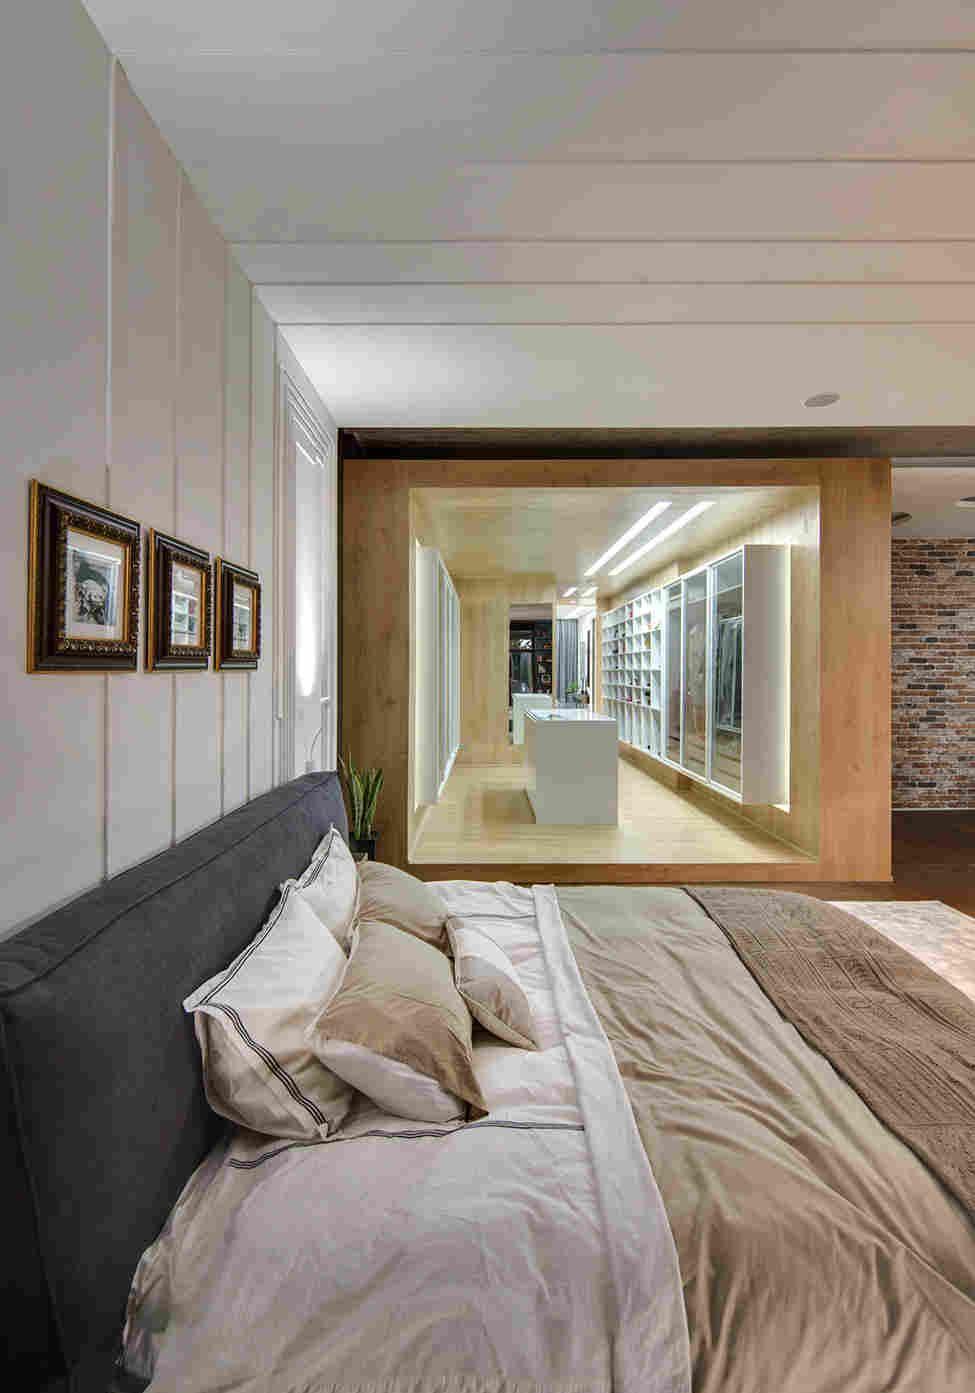 Urban loft bedroom  Интерьер квартиры Охдесса в стиле городского лофта  arq